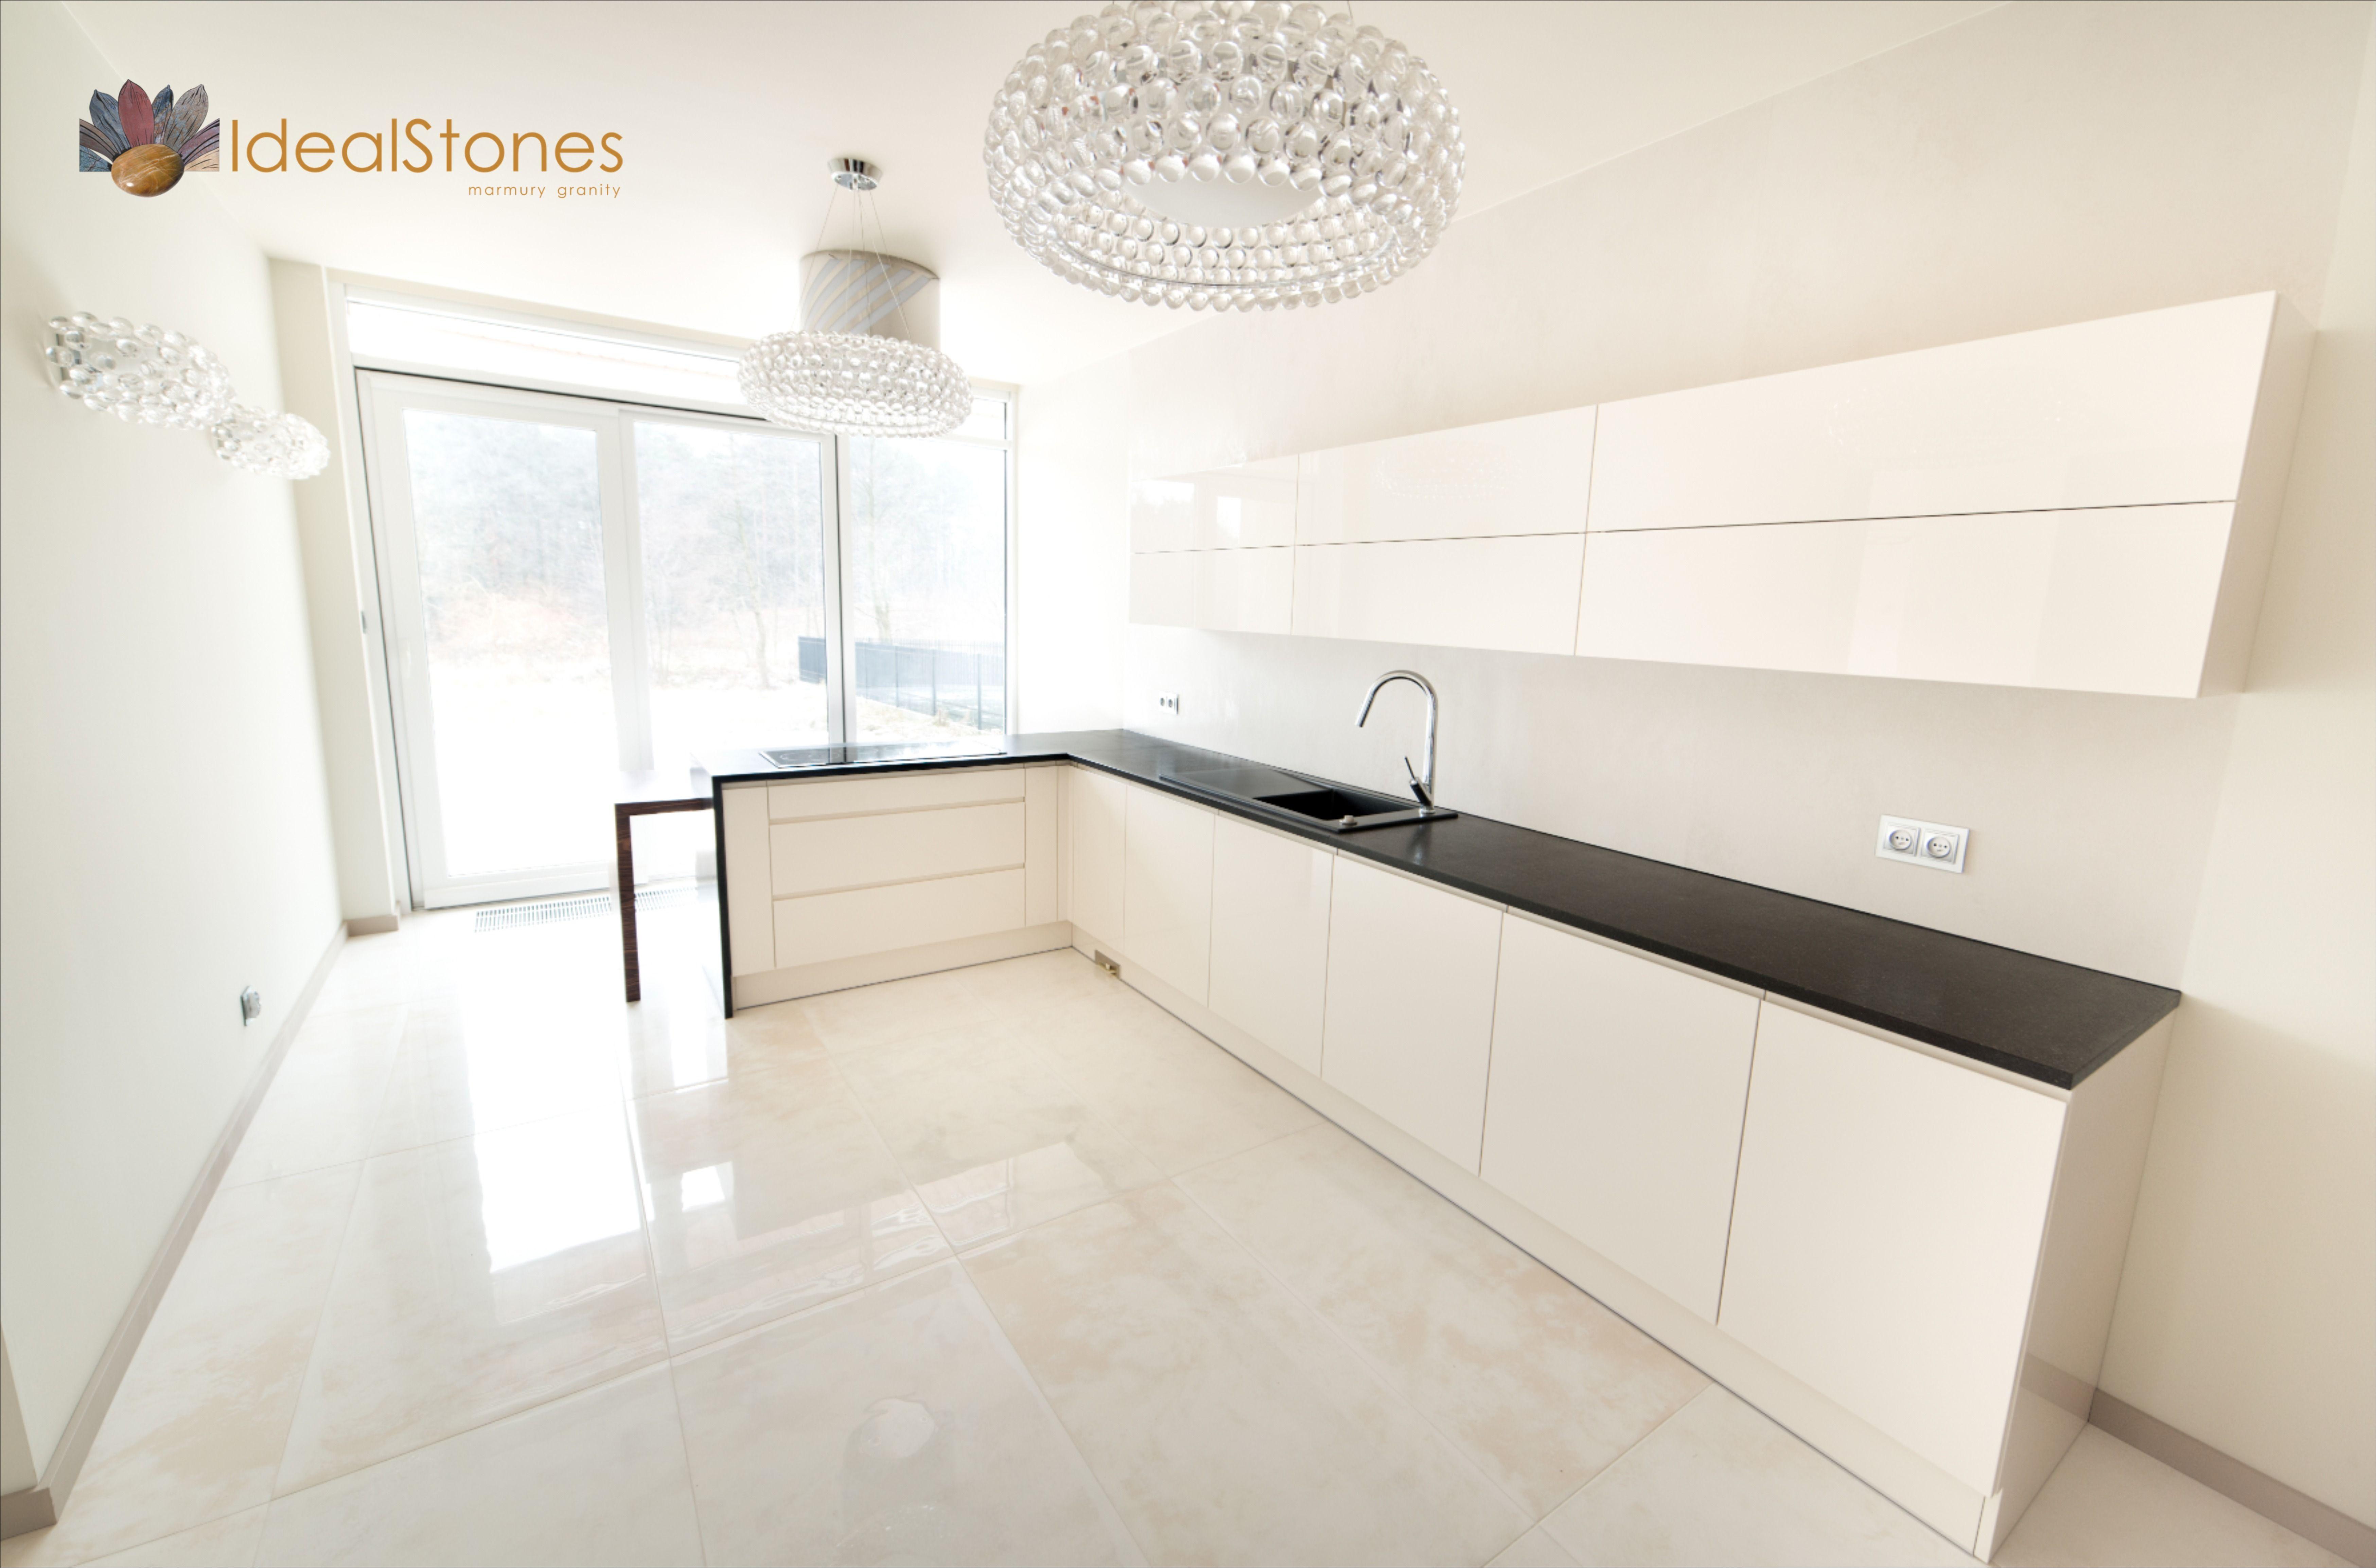 Blat Granitowy Czarny Z Kamienia Naturalnego Do Kuchni I Posadzka Marmurowa Z Bezowego Kamienia Decor Home Decor Home